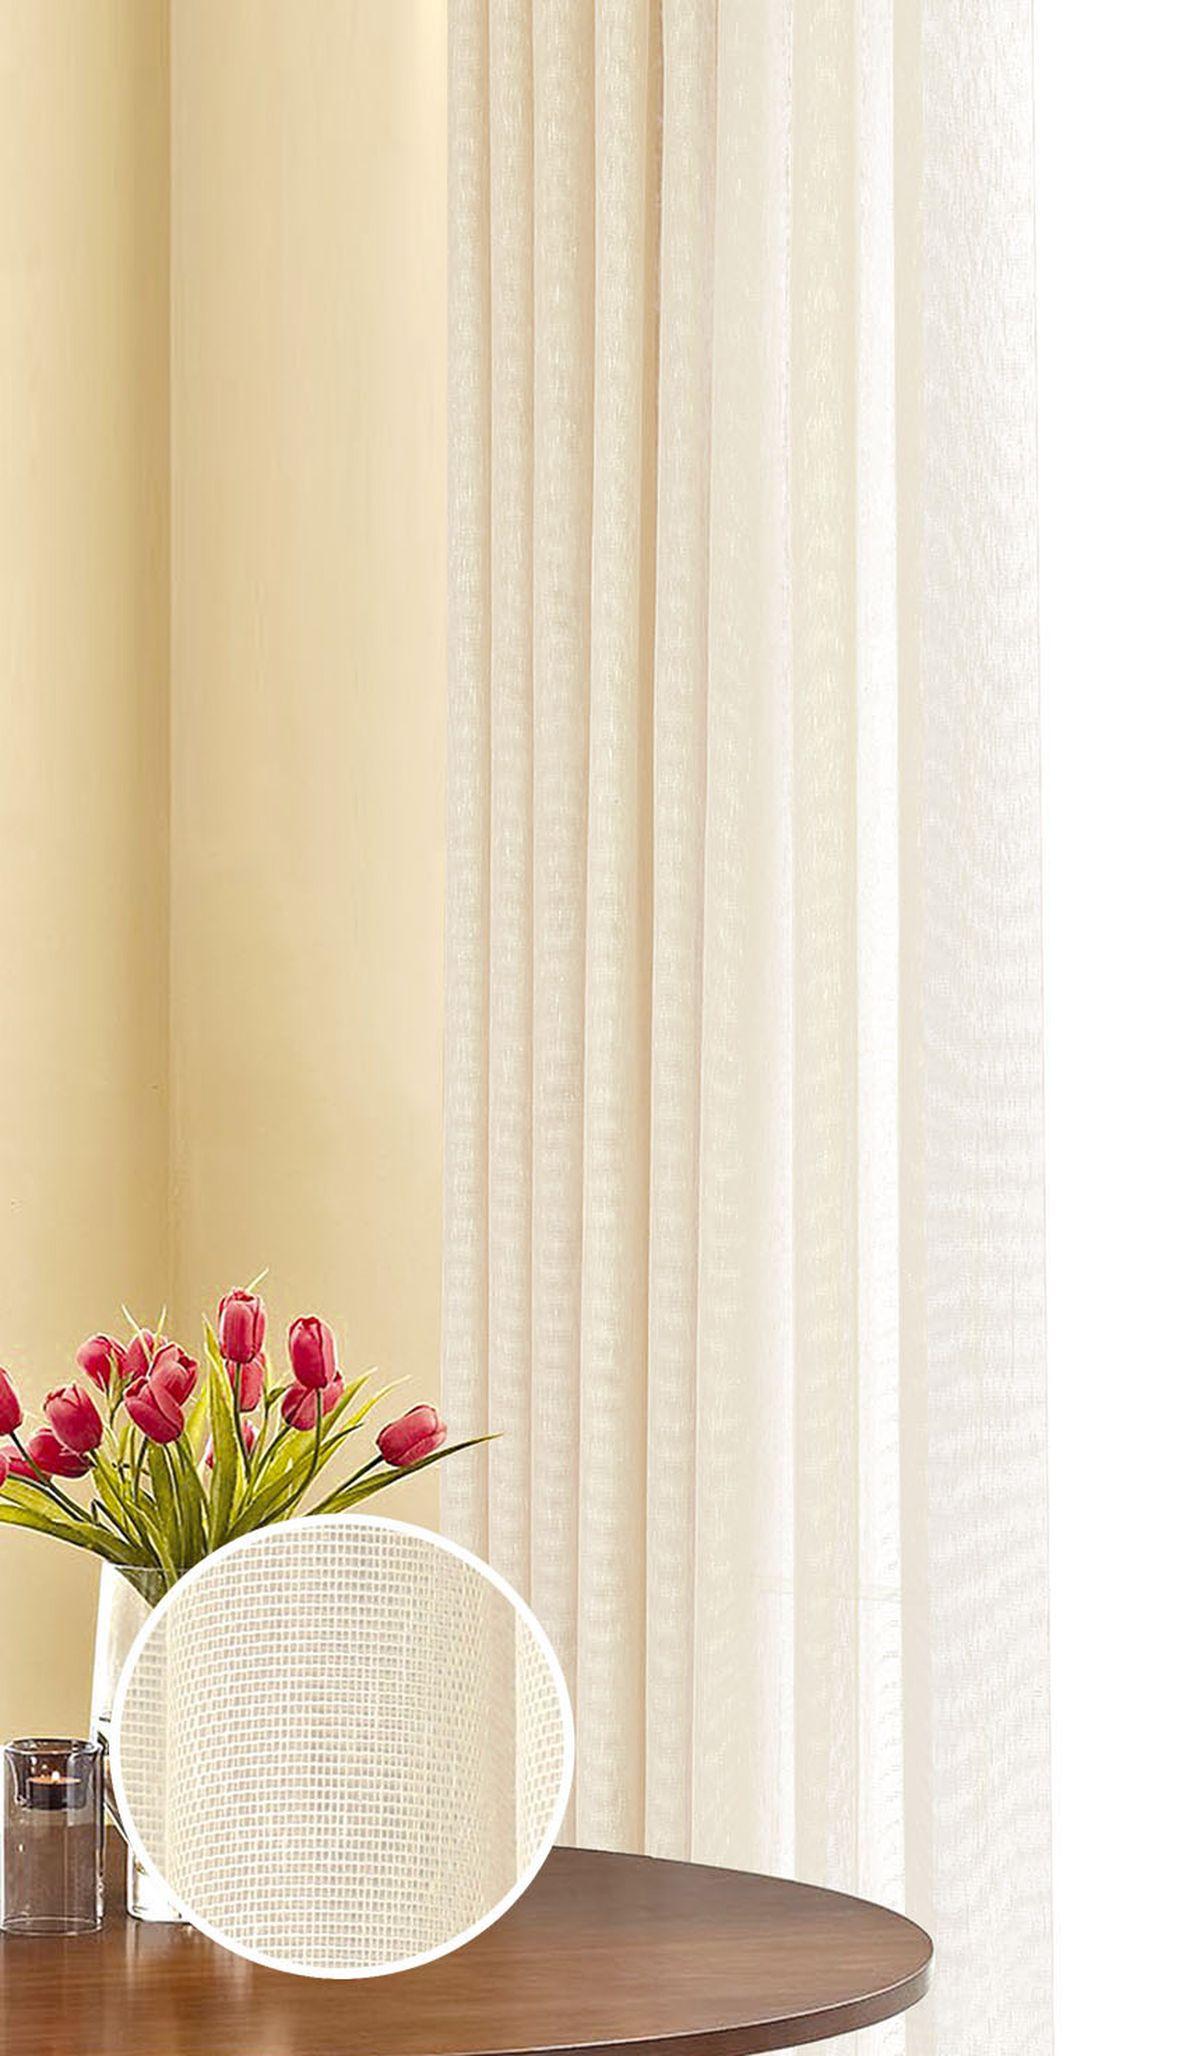 Штора готовая Garden, на ленте, цвет: бежевый, 290х180 см. С 537063 290х180 V7704470Изящная штора Garden выполнена из ткани с оригинальной структурой. Приятная текстура и цвет штор привлекут к себе внимание и органично впишутся в интерьер помещения. Штора крепится на карниз при помощи ленты, которая поможет красиво и равномерно задрапировать верх.